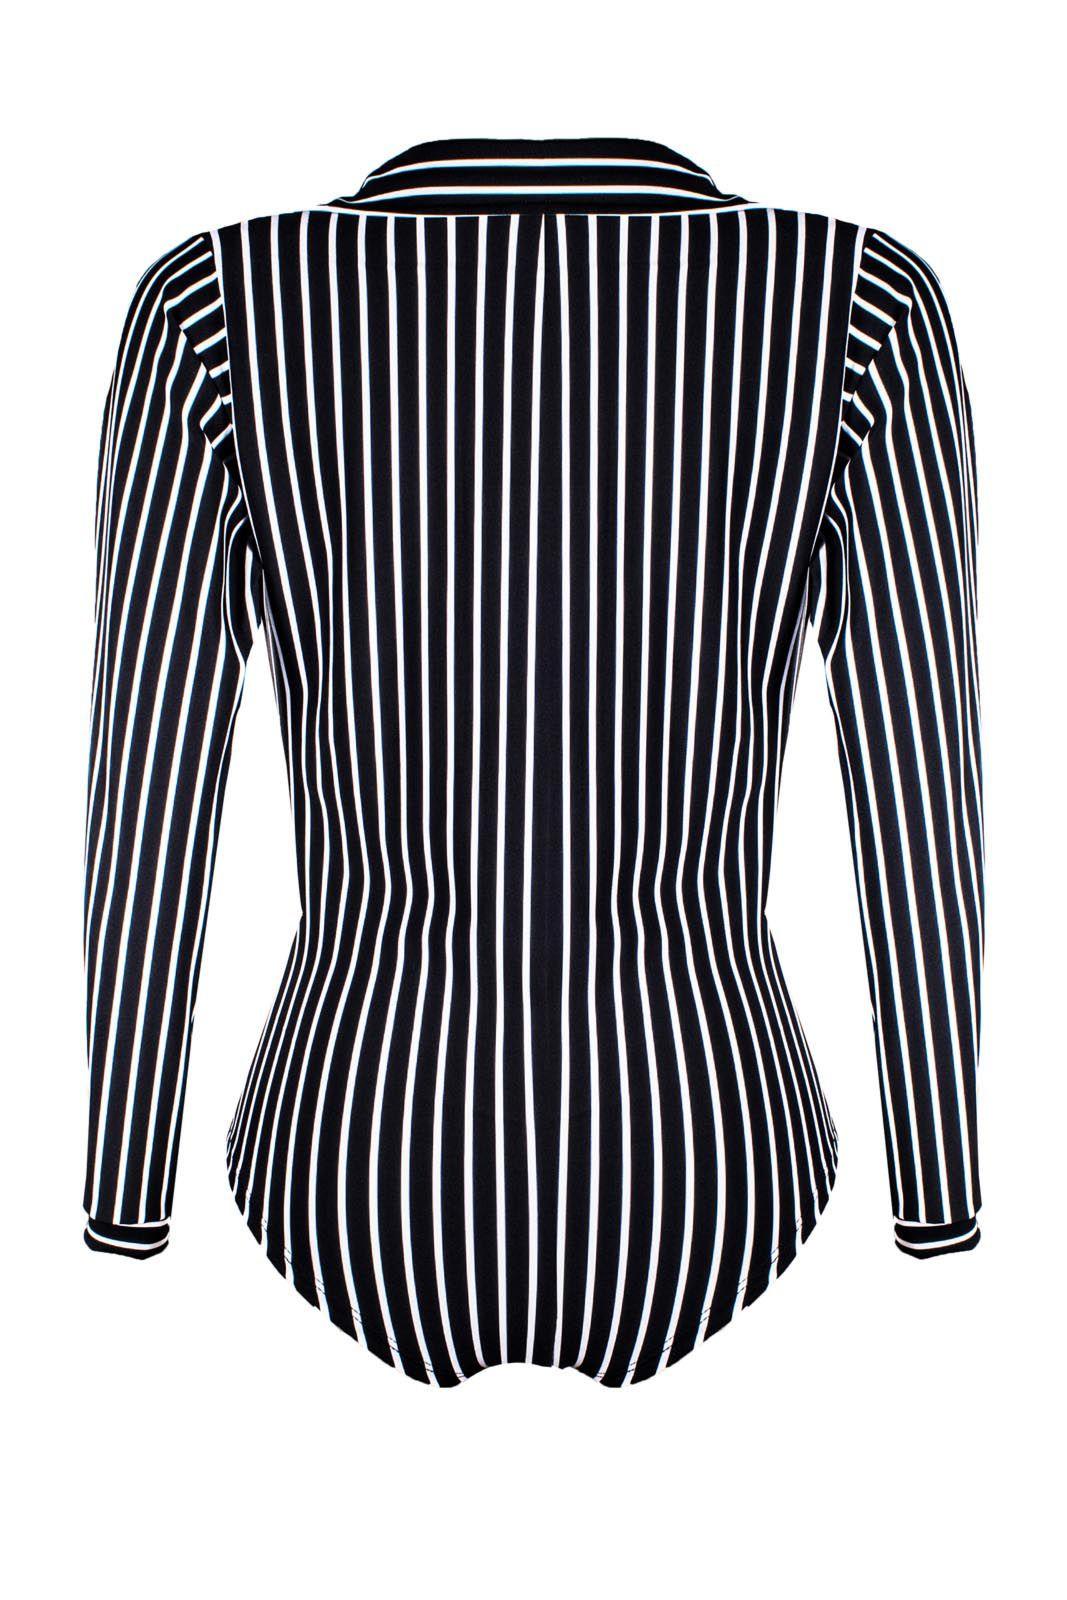 Body Outlet Dri Camisa Suplex Manga Longa Gola Transpassada Listrado Preto Com Branco